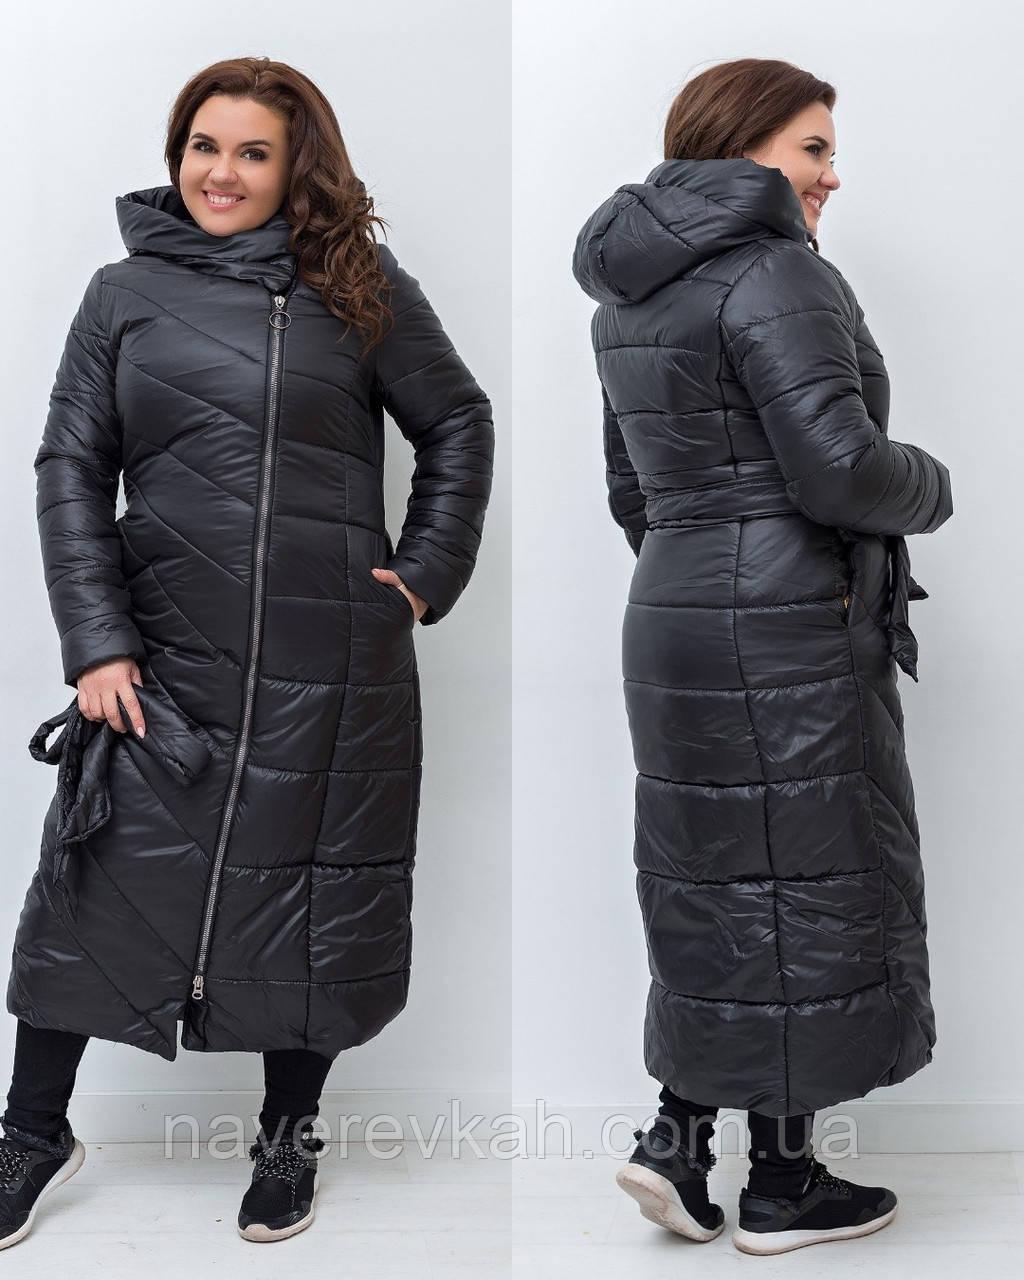 Женская зимняя теплая длинная куртка плащевка на силиконе черная 48 50 52 54